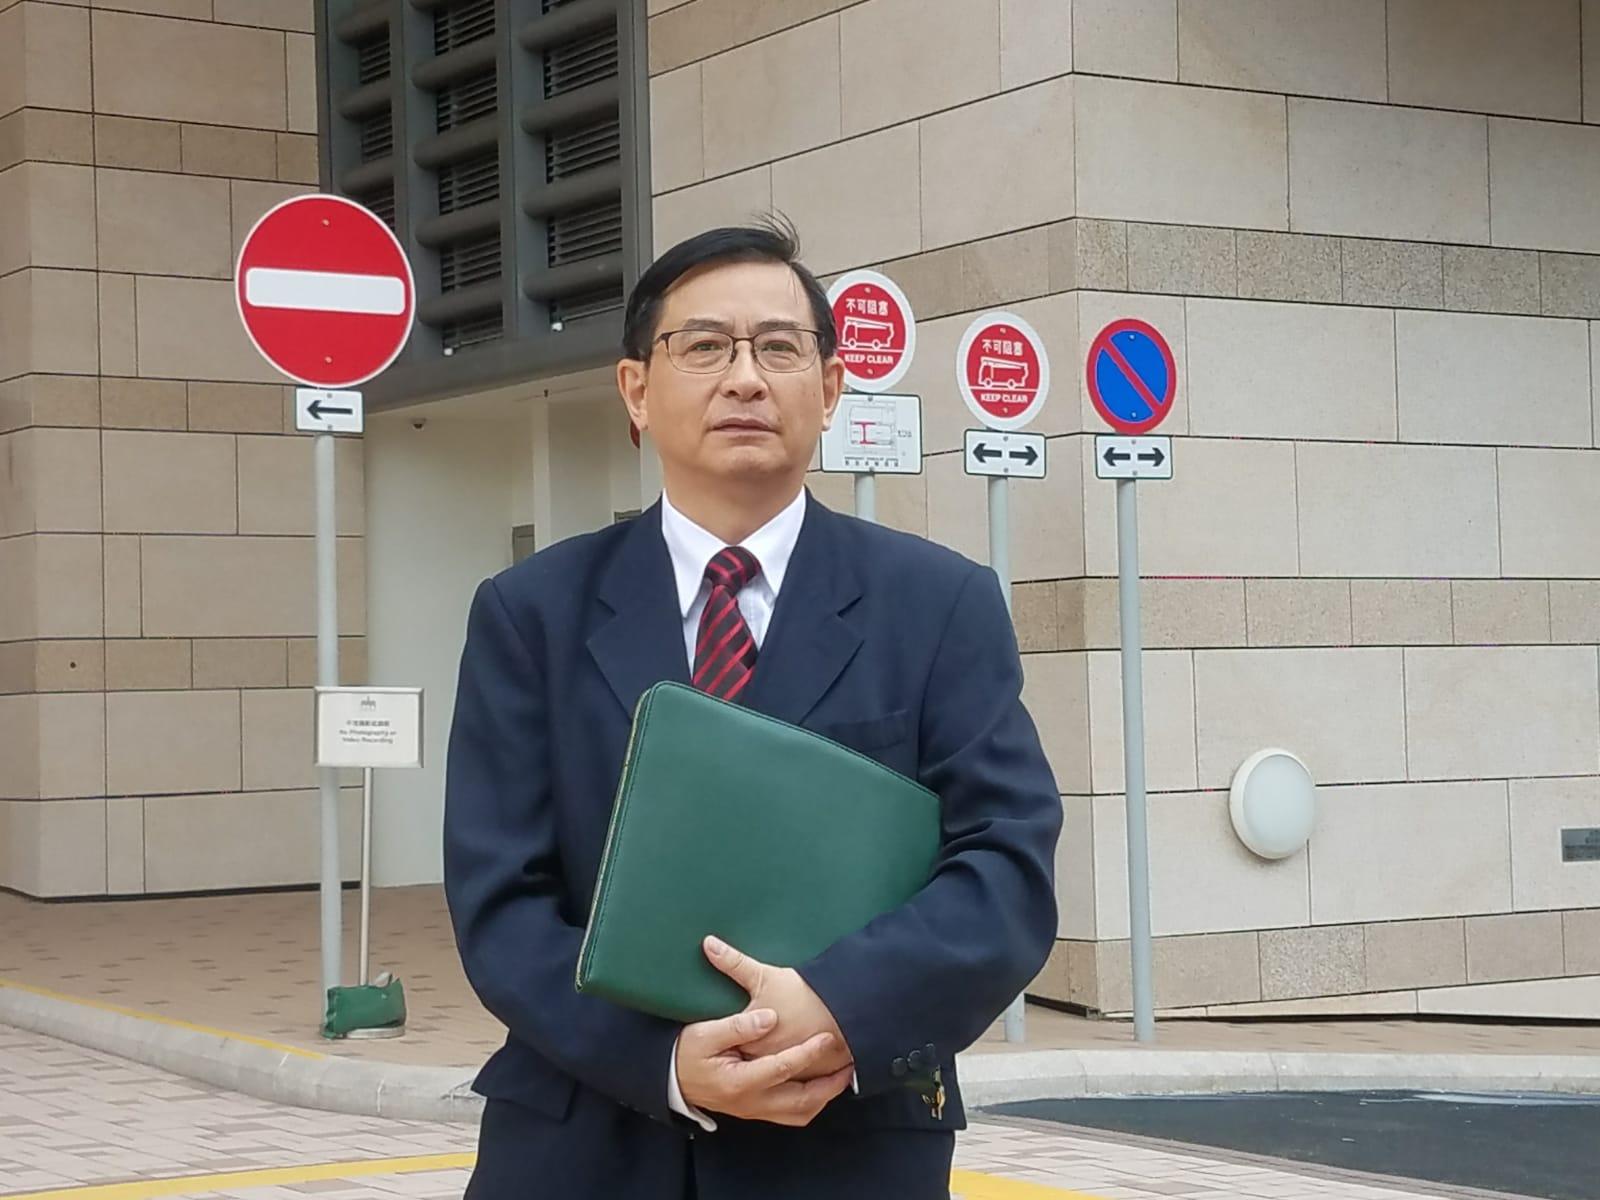 醫管局骨科服務統籌委員會主席李淵粦醫生。